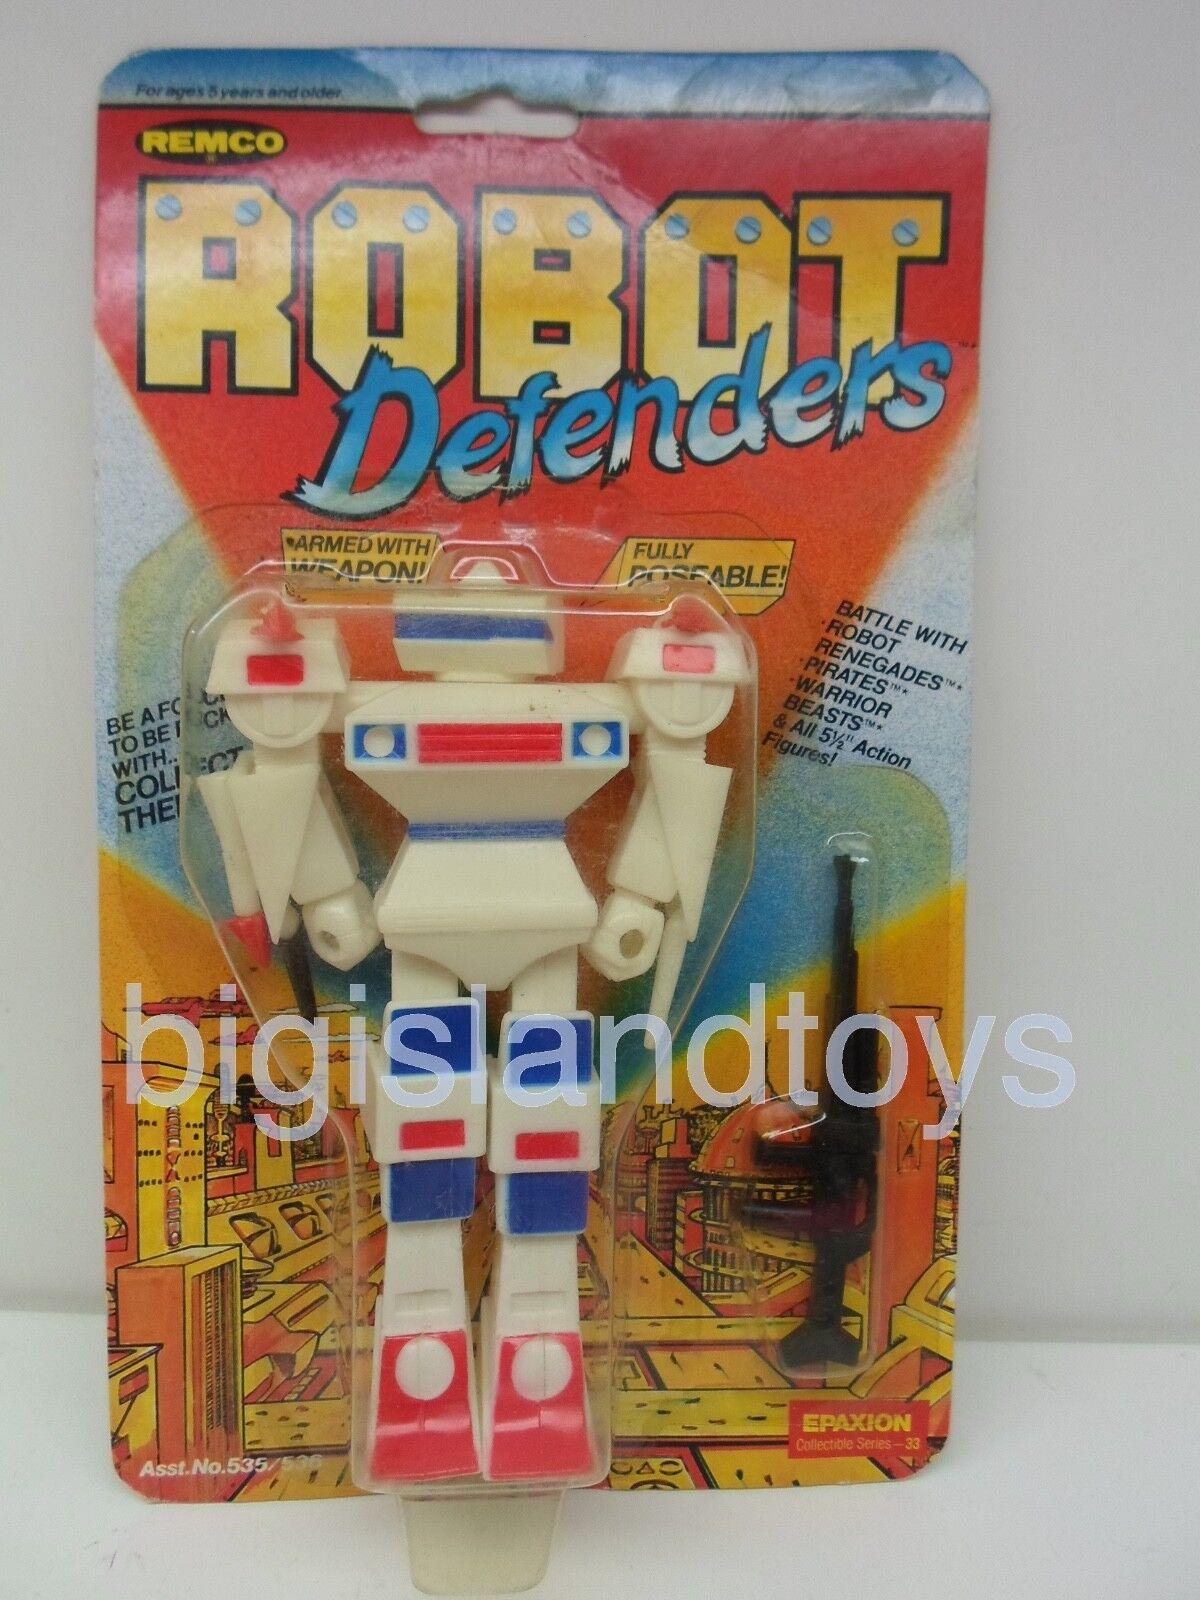 Robot defensores & Renegades Remco epaxion 1982 Figura de Acción Sellados